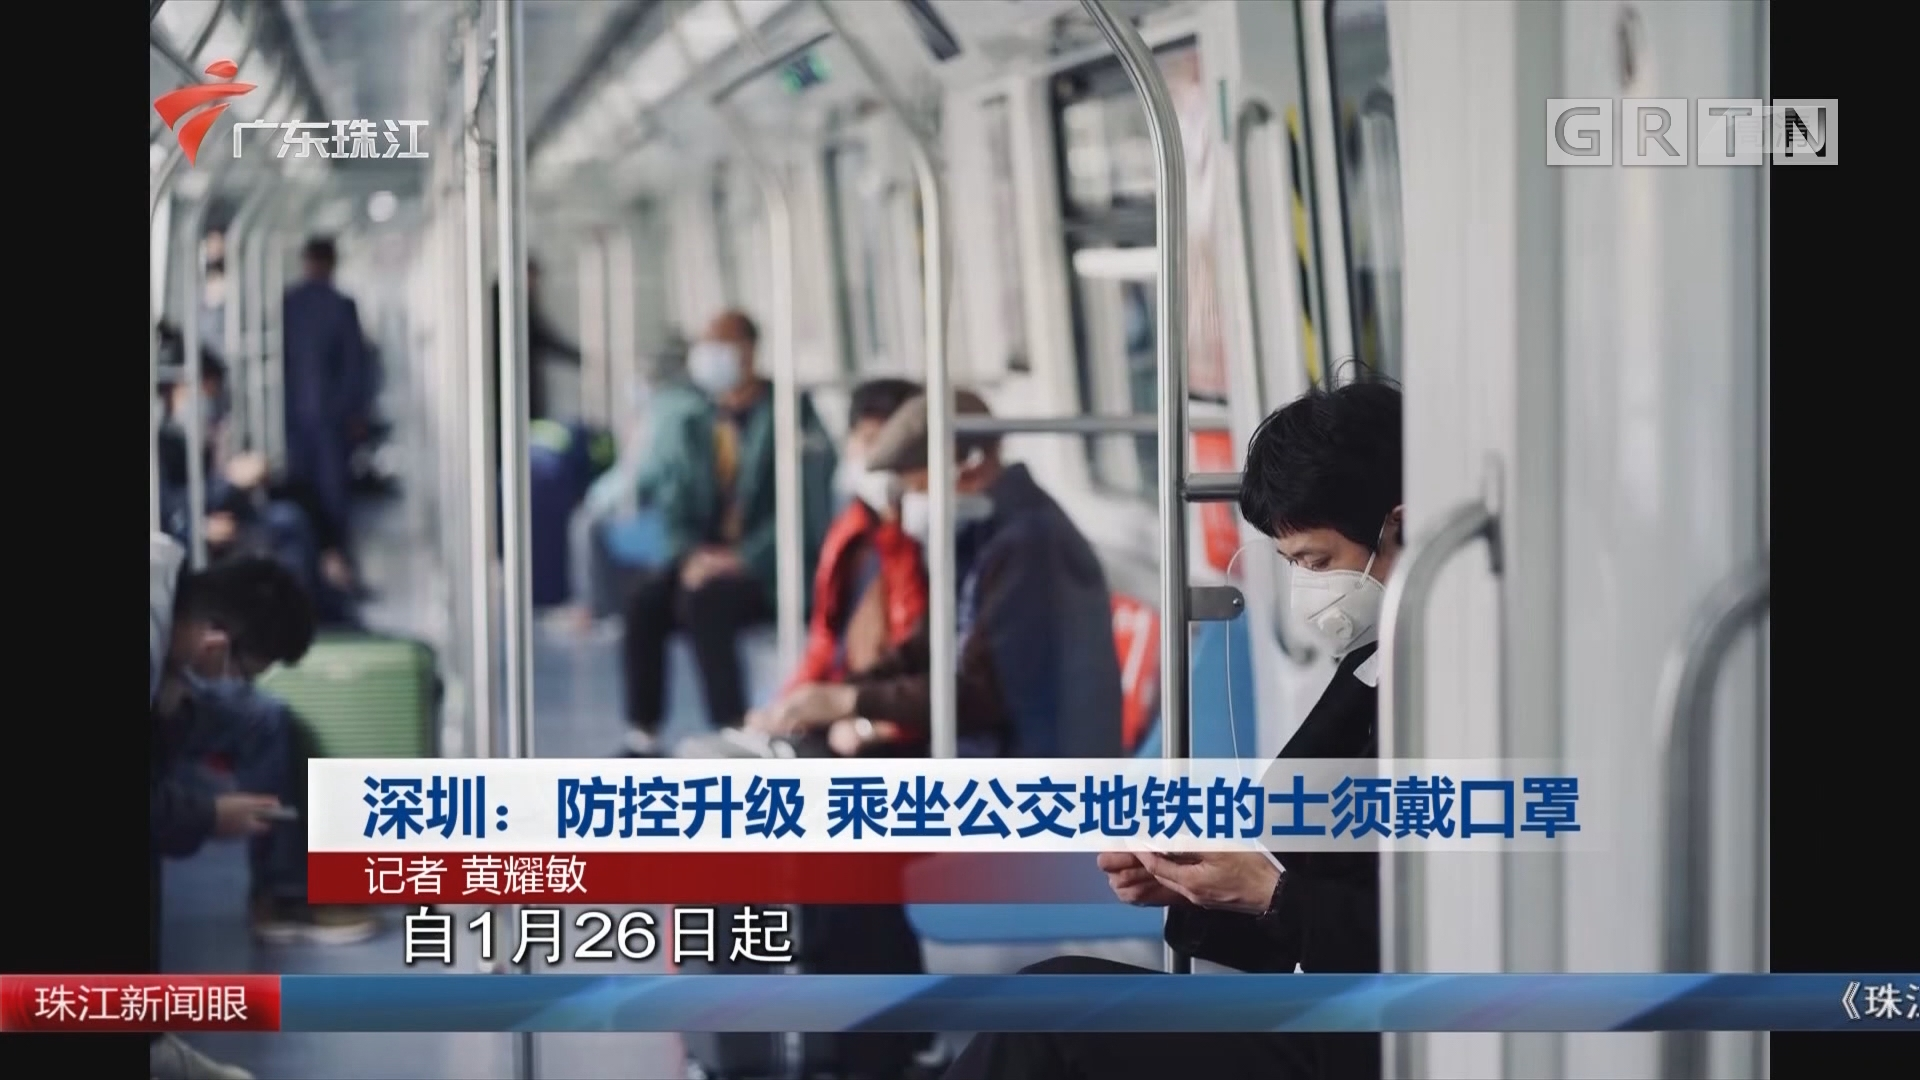 深圳:防控升级 乘坐公交地铁的士须戴口罩